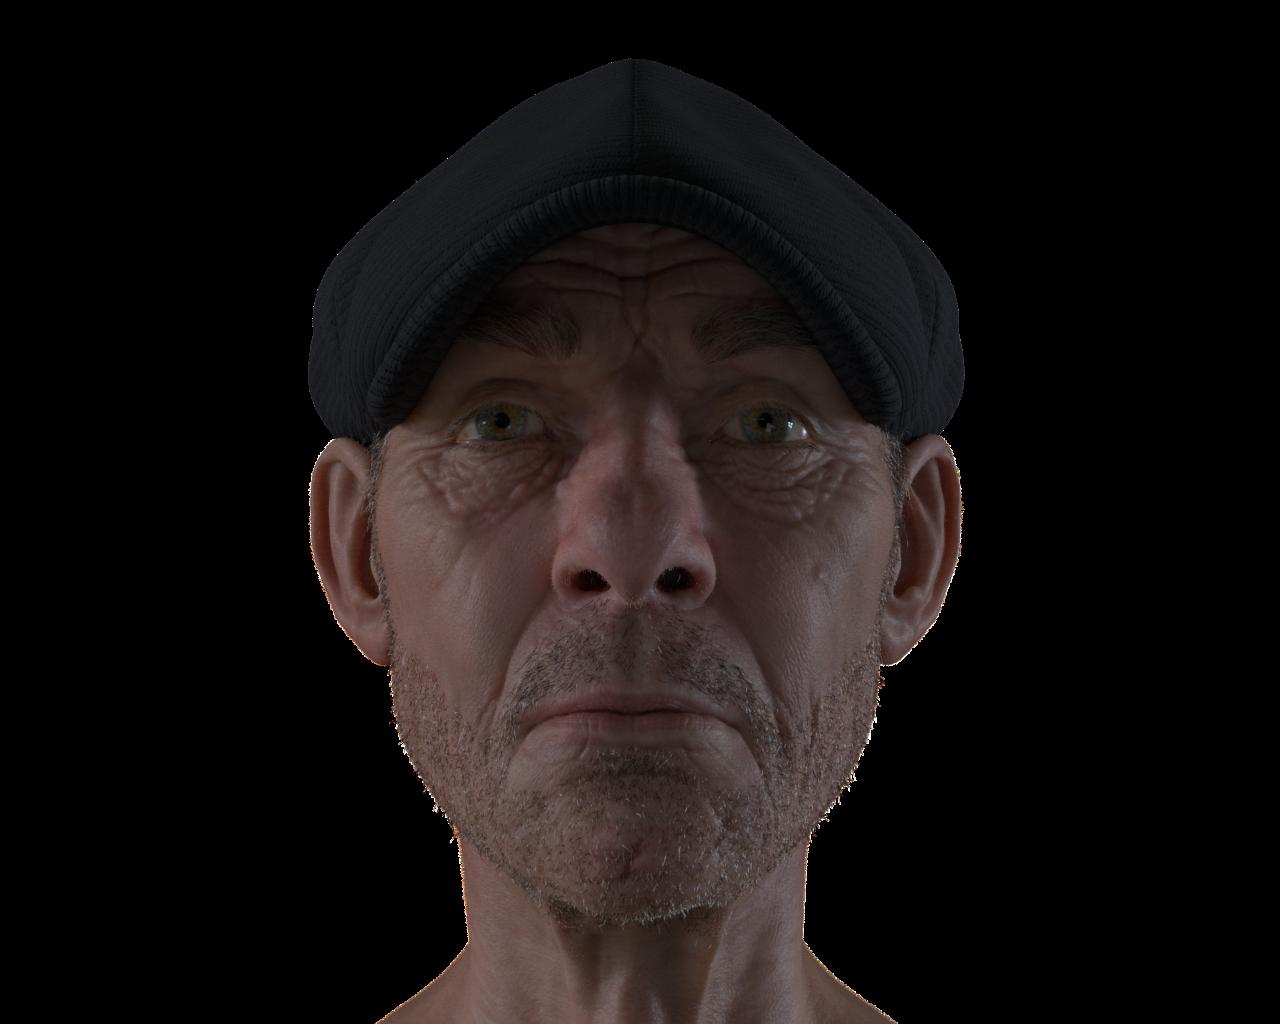 Old_Man_Skin_56.png